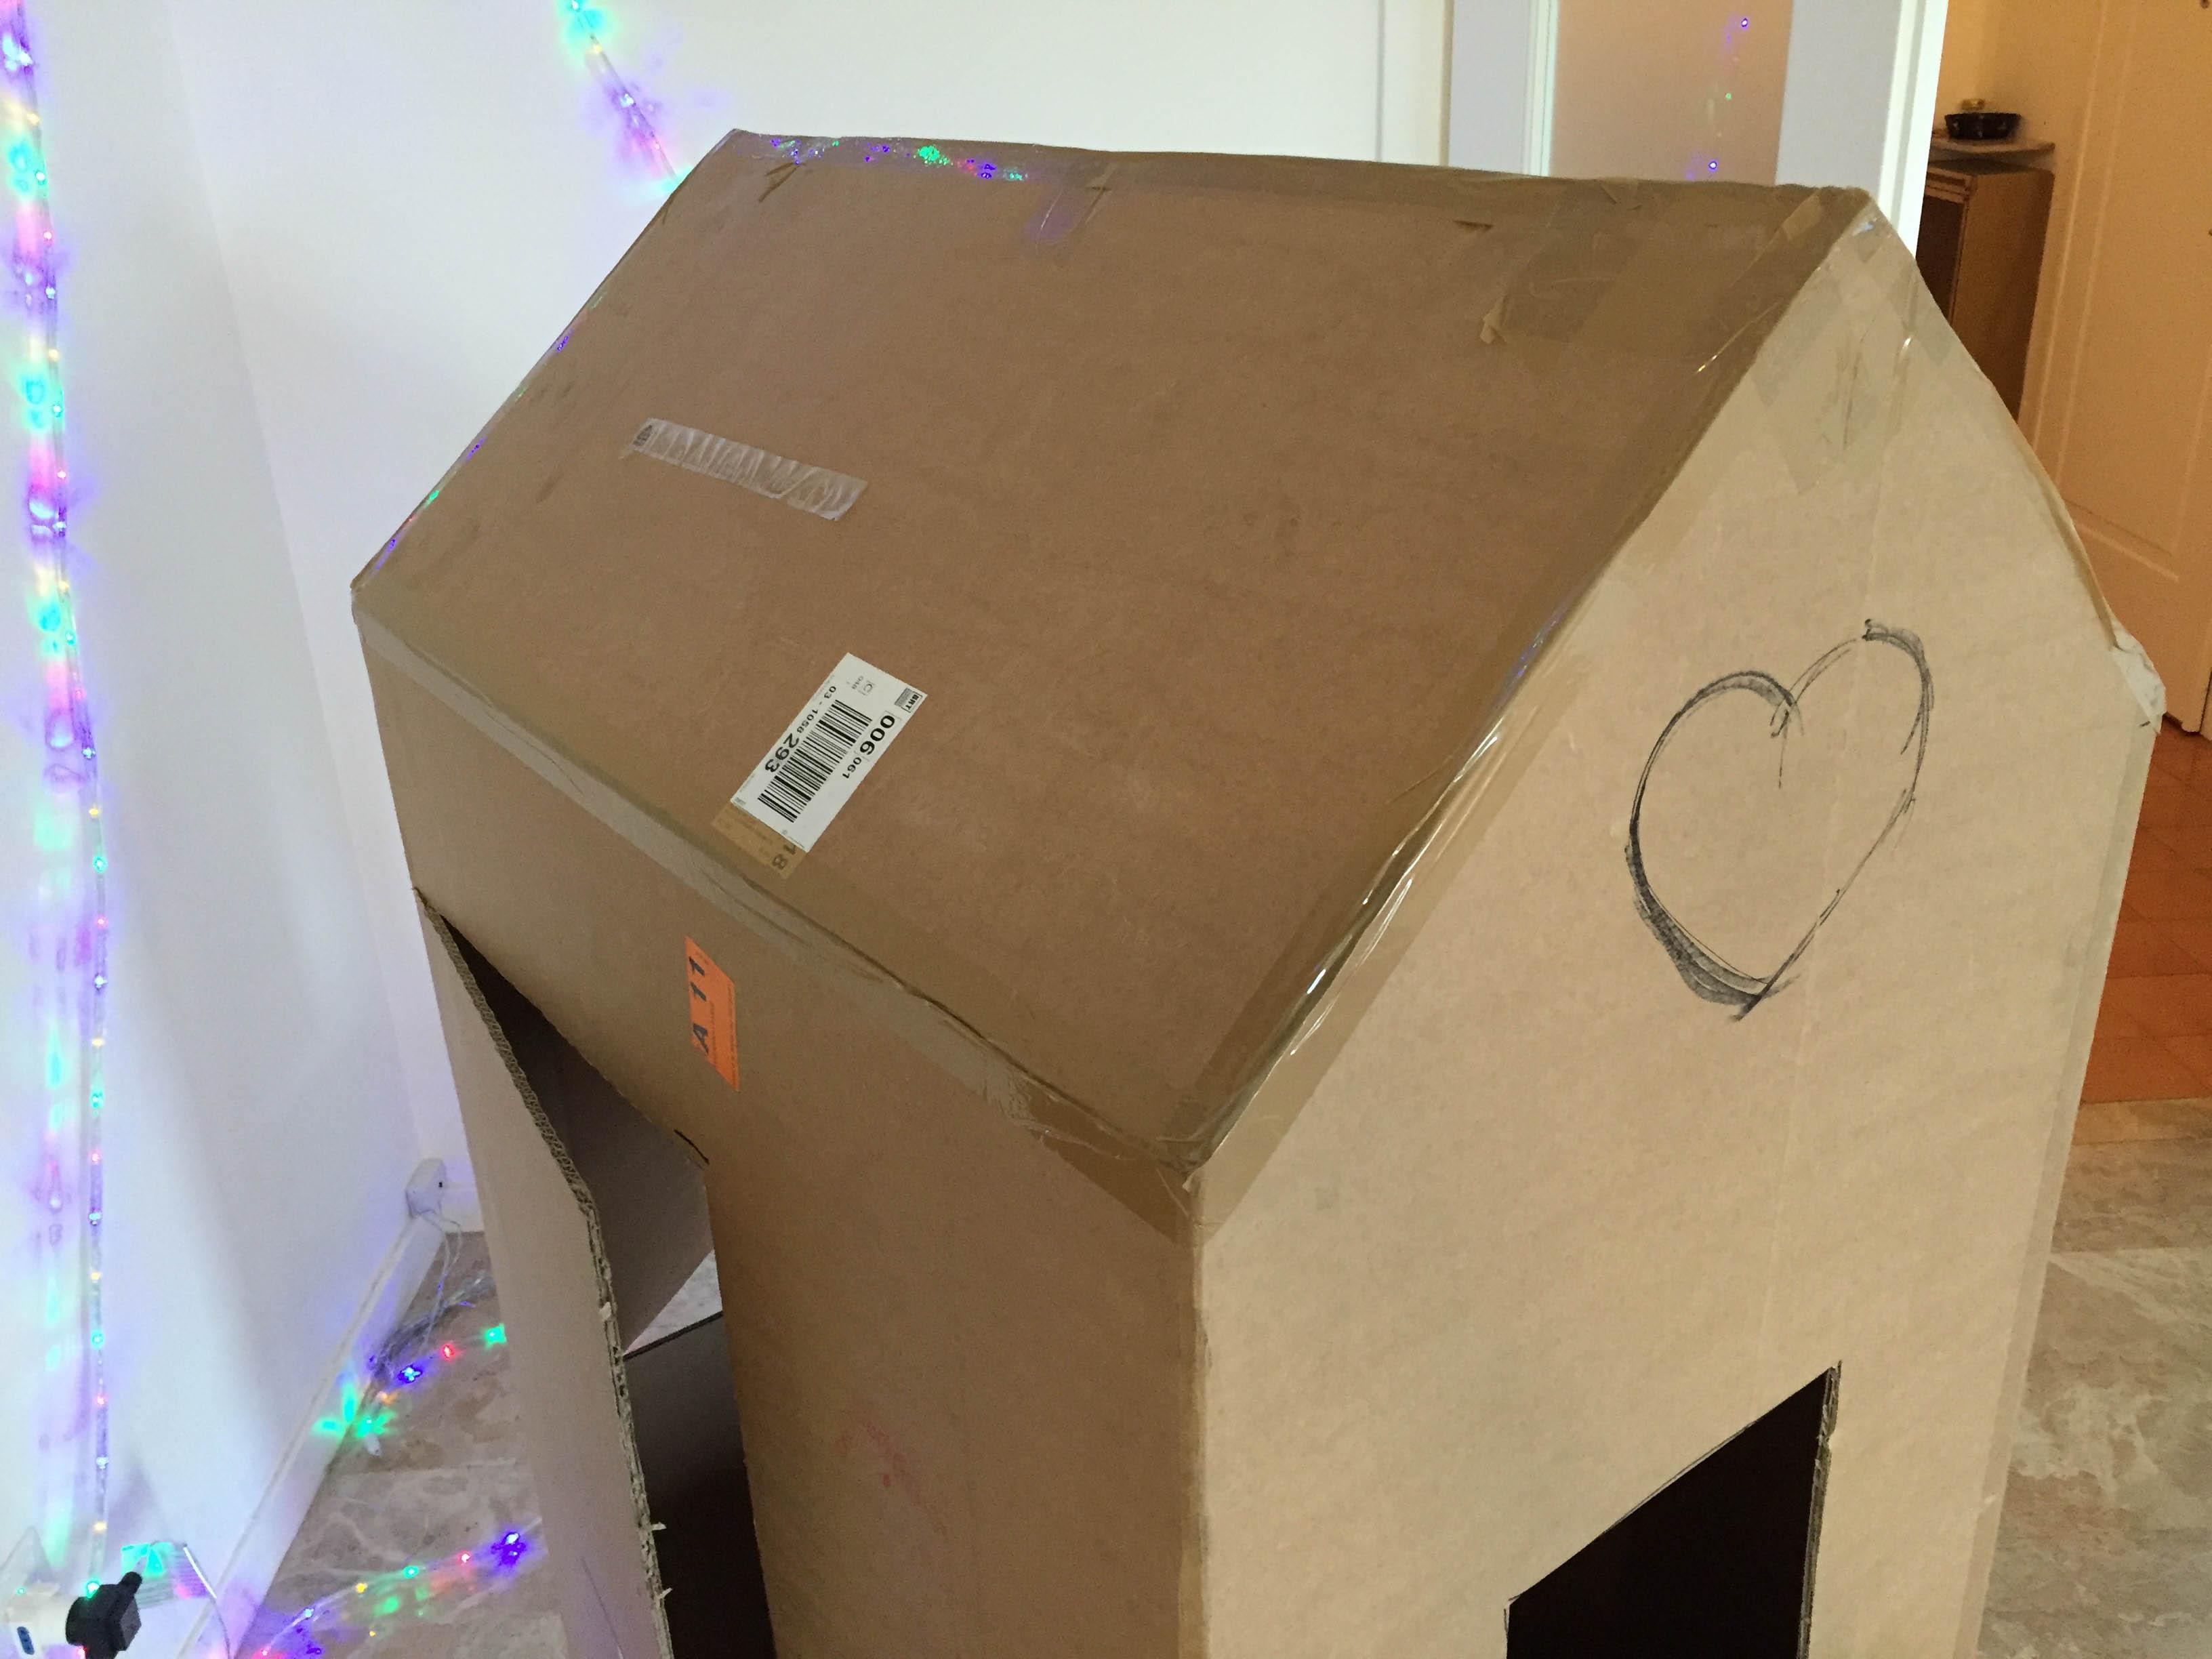 Popolare Come costruire una casetta giocattolo in cartone LU45